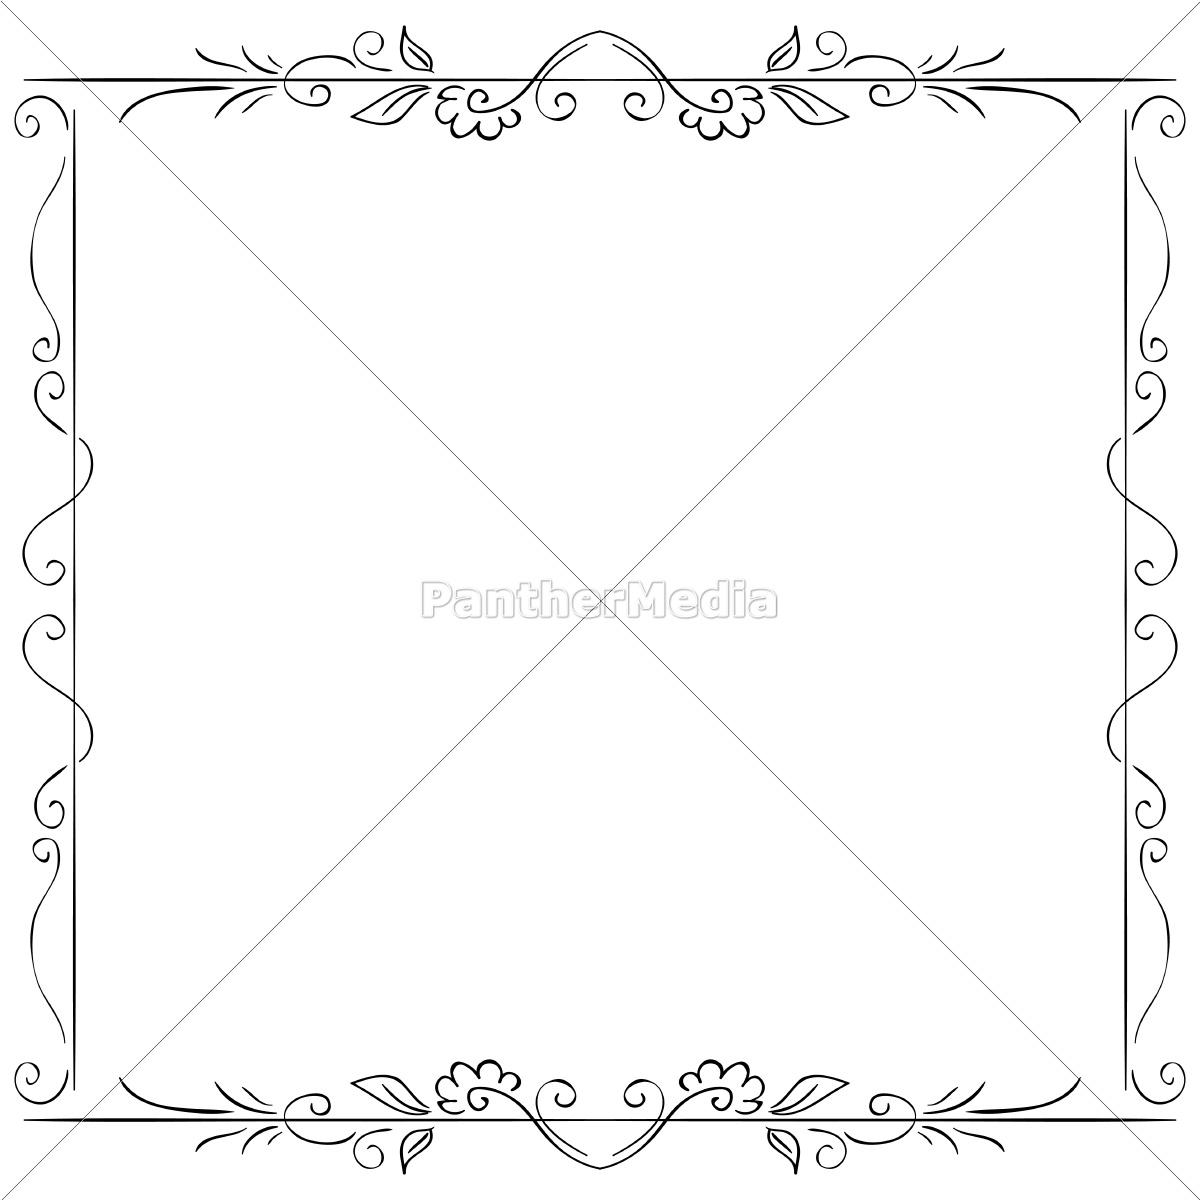 vektor-rahmen auf weißem hintergrund. handzeichnung - Stockfoto ...